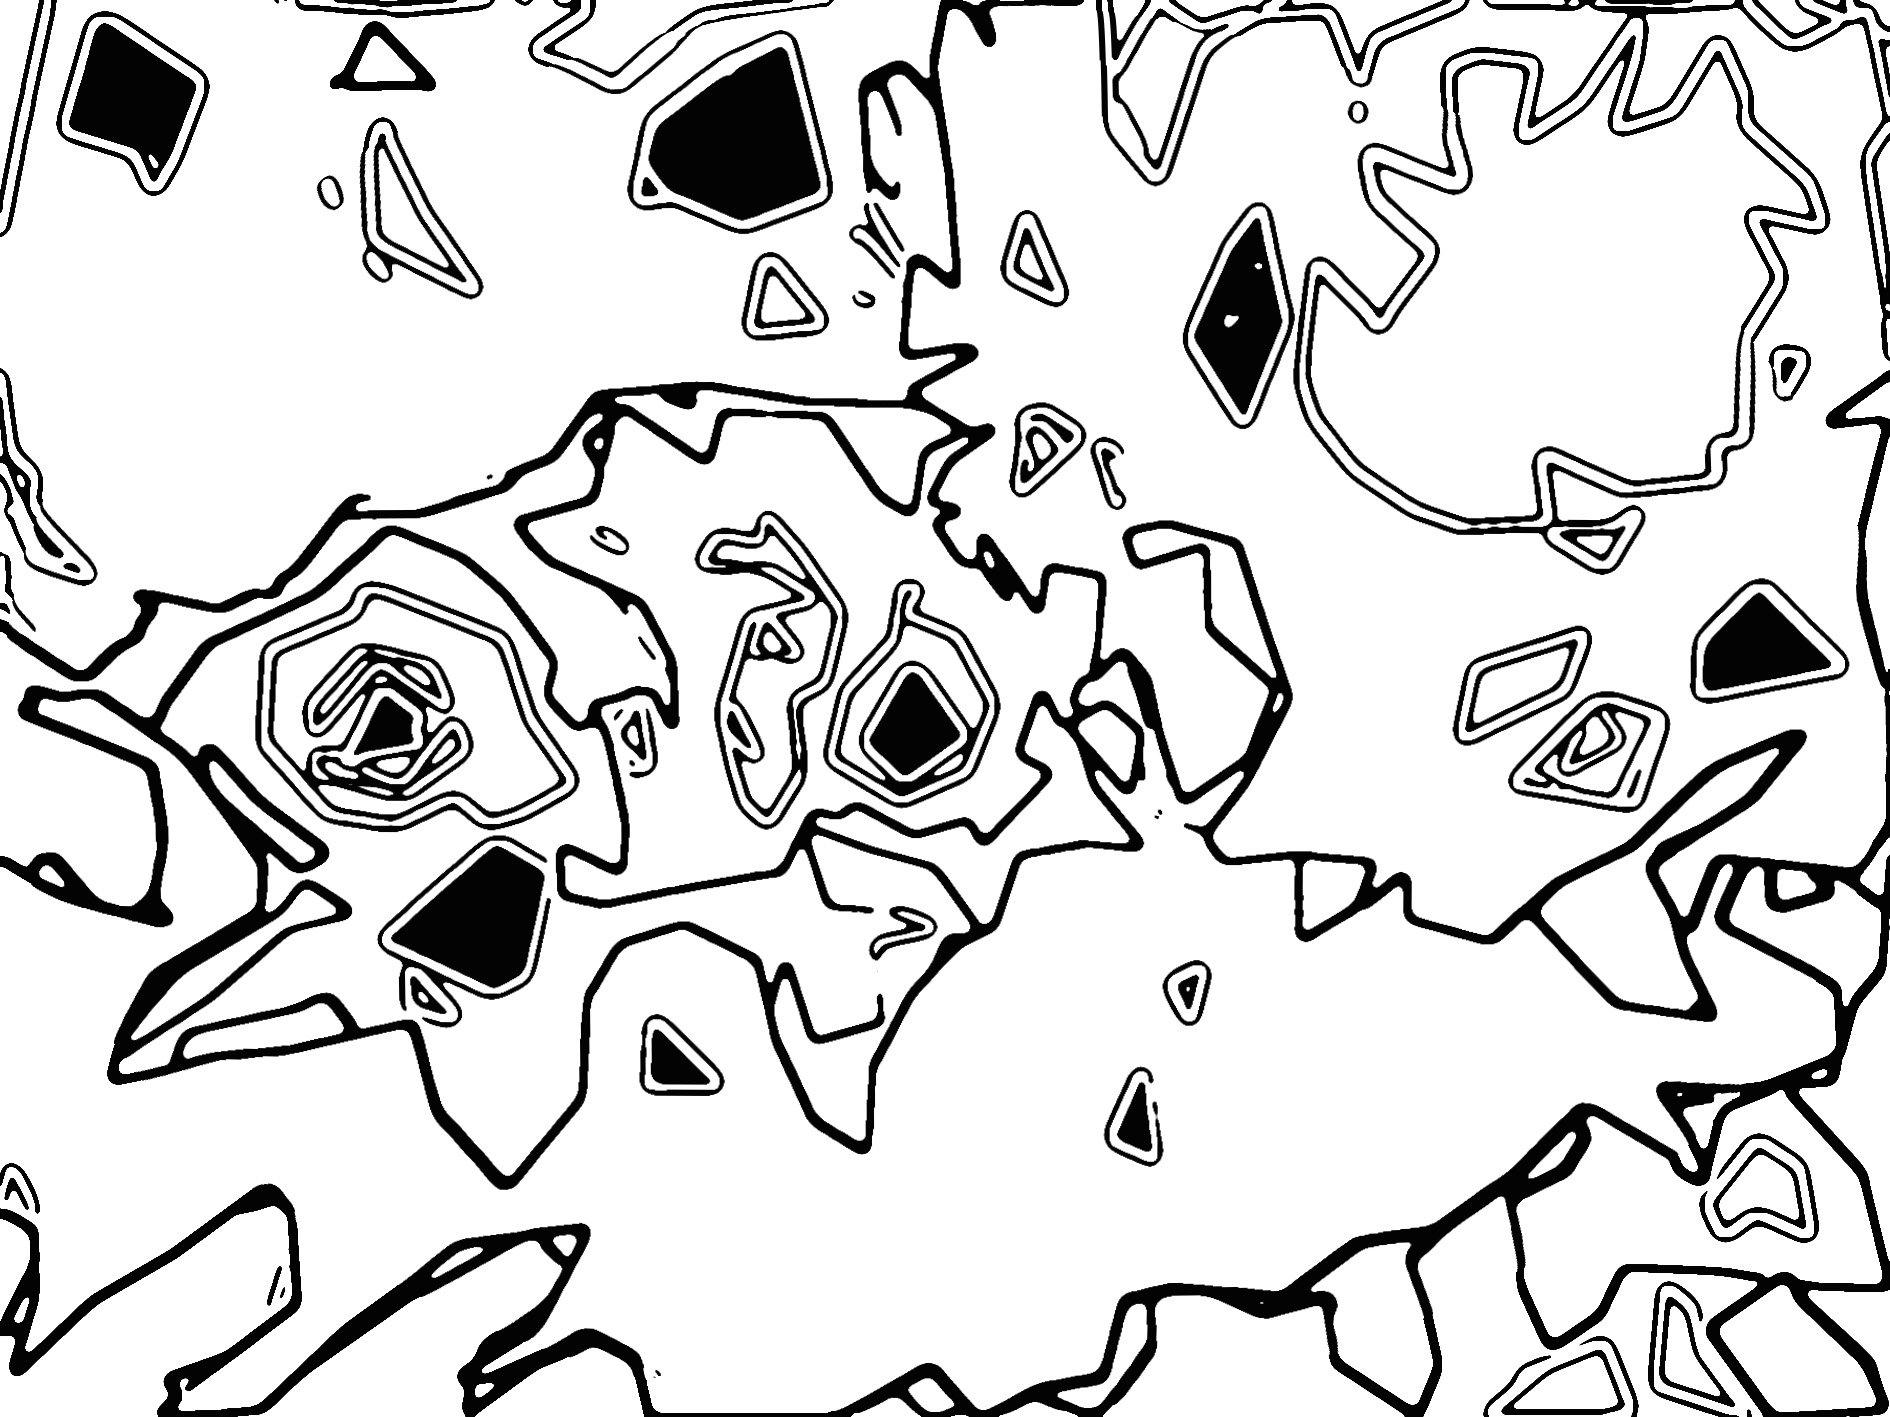 shapes fond d u0026 39  u00e9cran and arri u00e8re